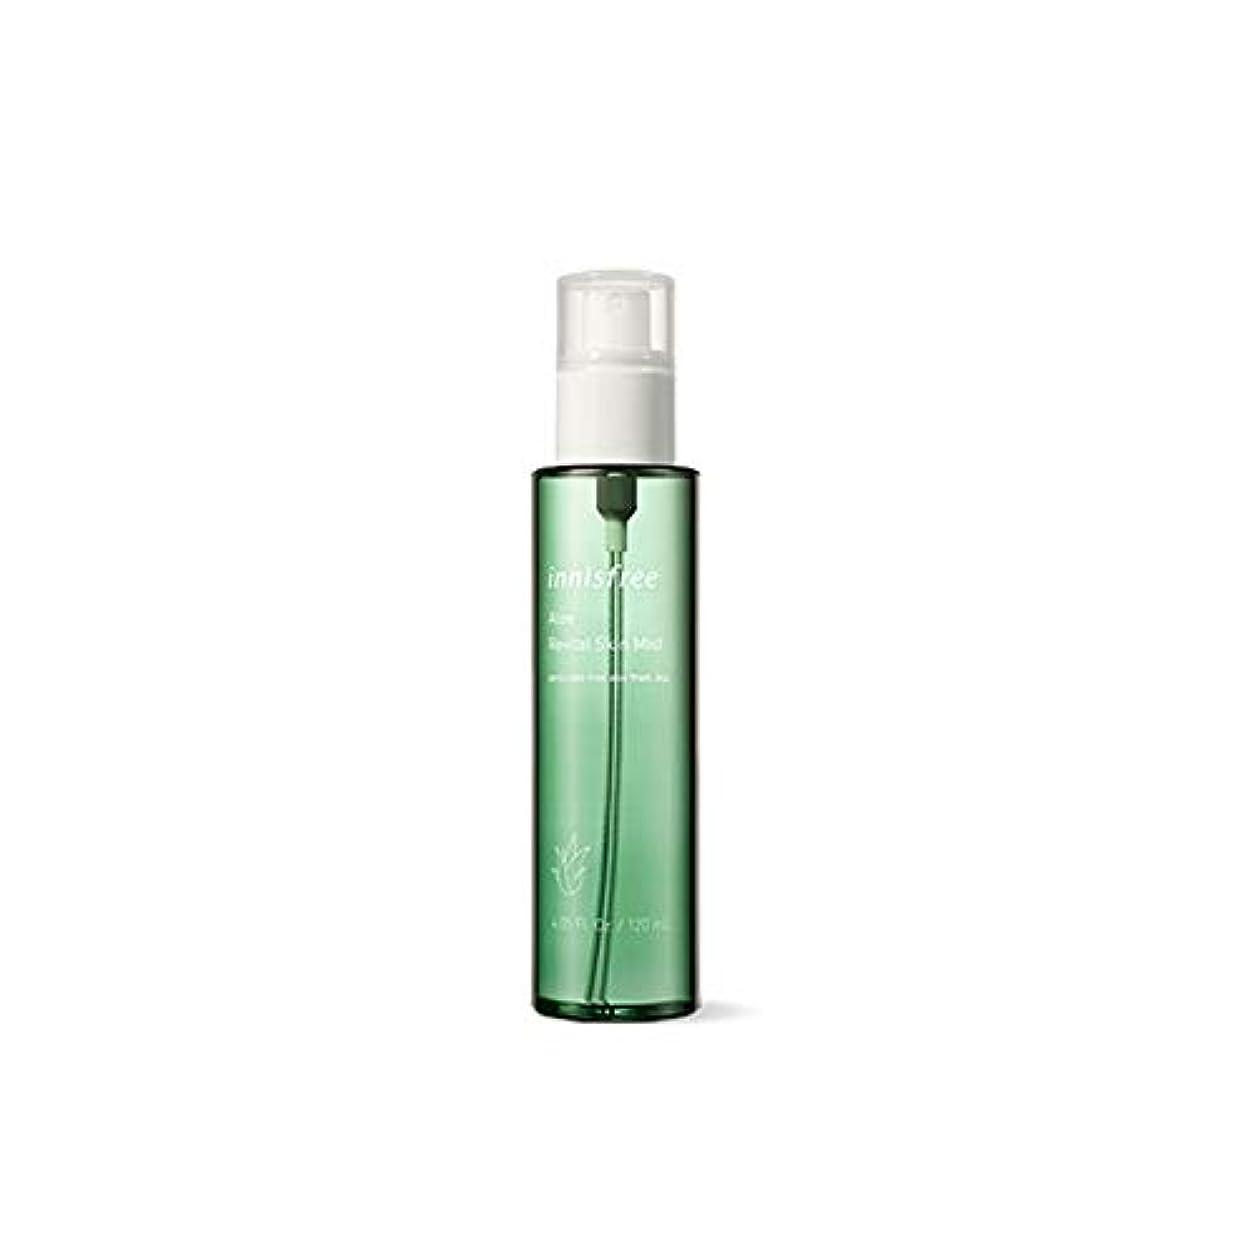 一晩荒廃する脳イニスフリー Innisfree アロエ リバイタル スキンミスト(120ml)2015.6. Innisfree Aloe Revital Skin Mist(120ml) [海外直送品]